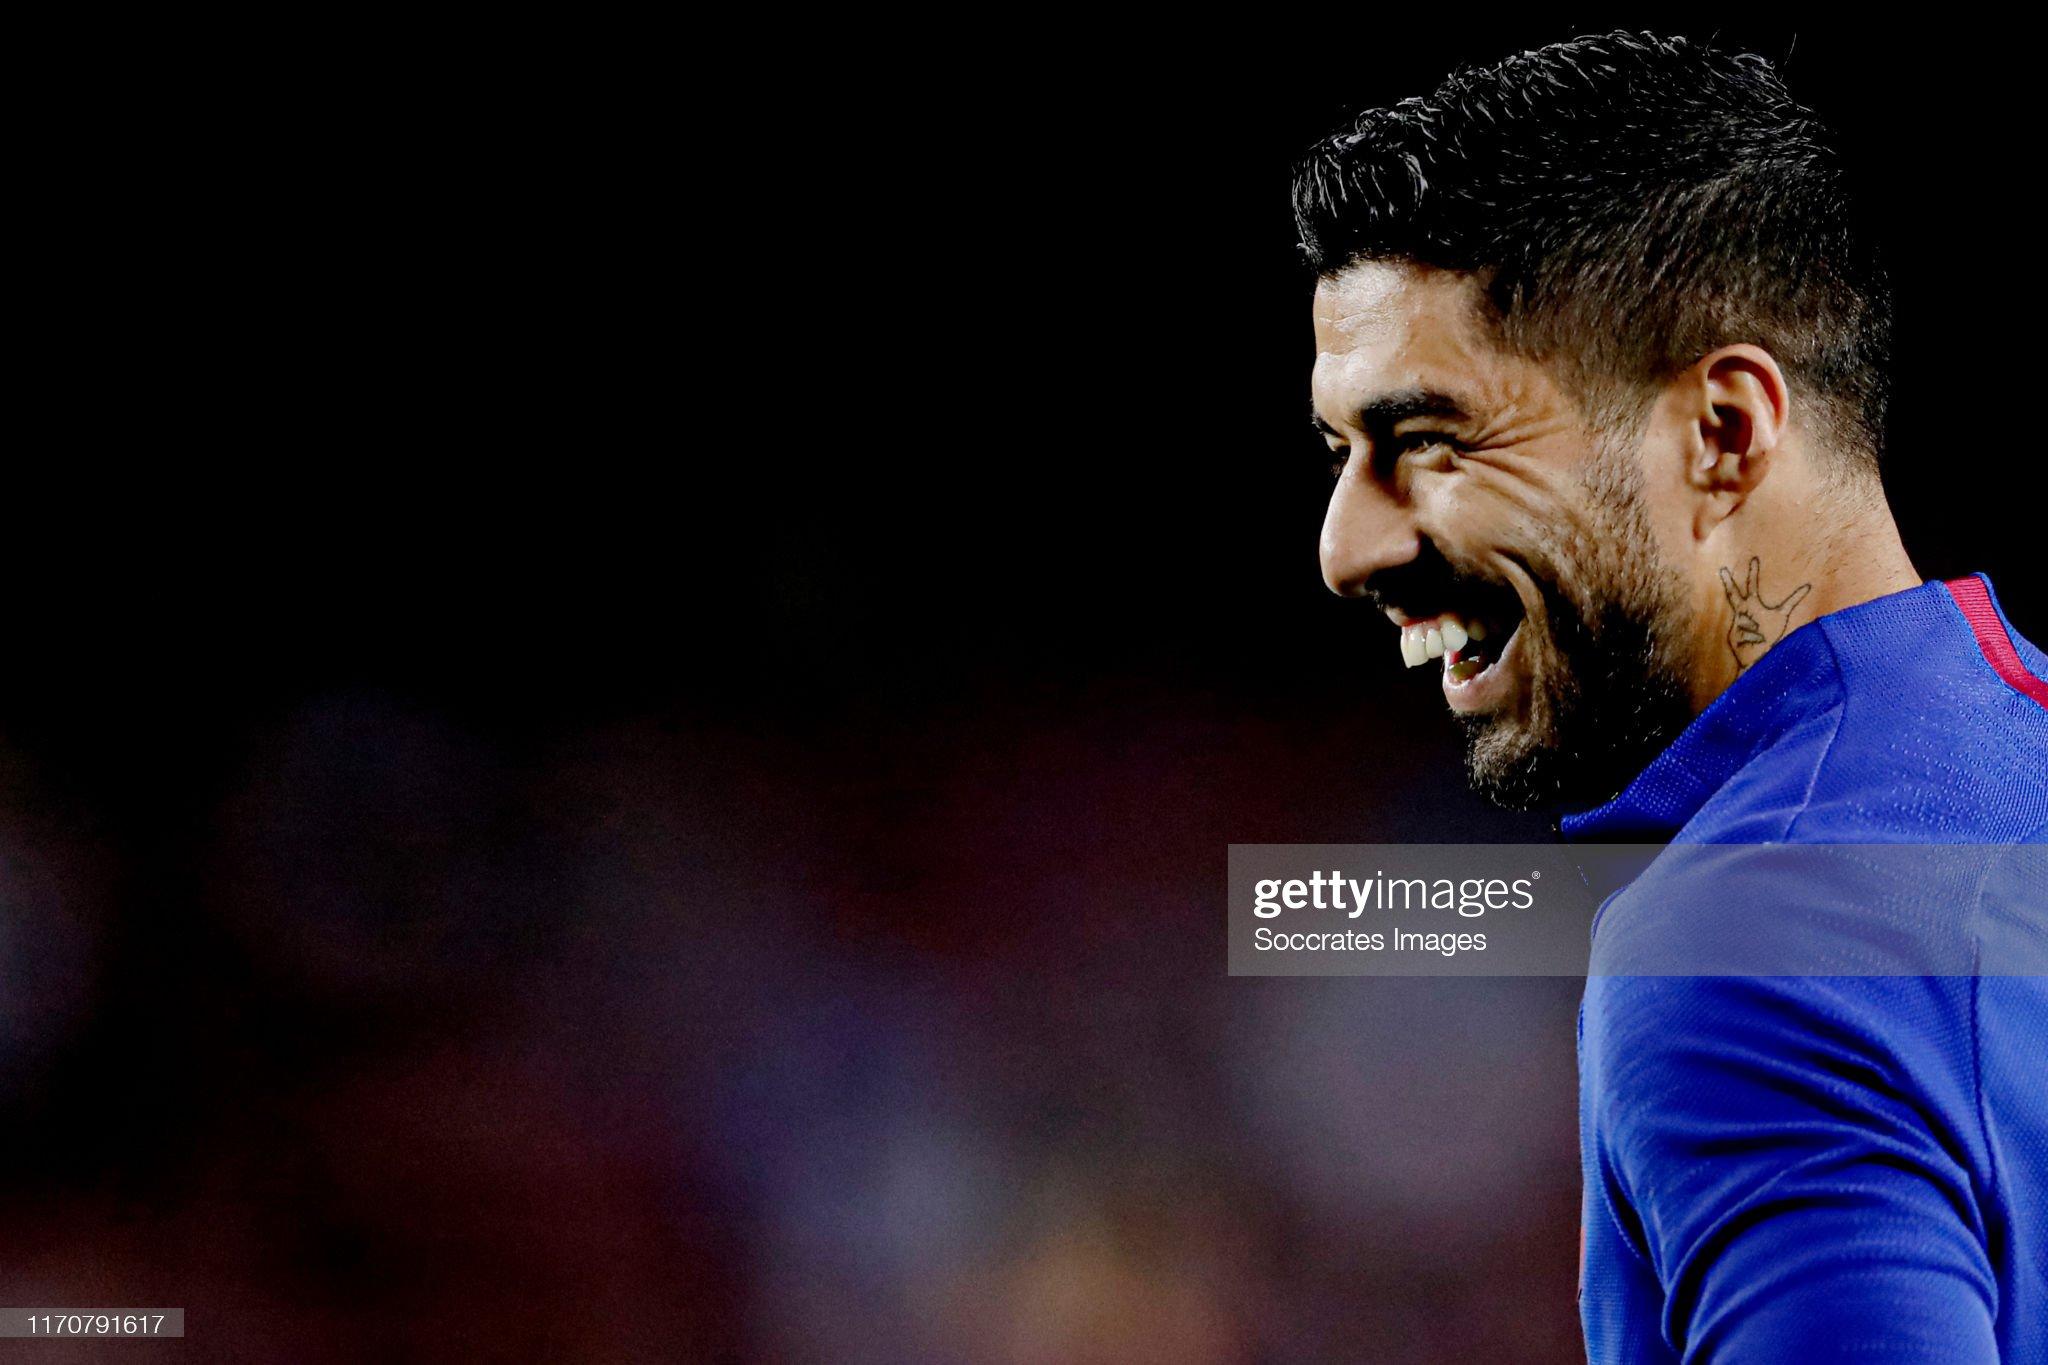 صور مباراة : برشلونة - فياريال 2-1 ( 24-09-2019 )  Luis-suarez-of-fc-barcelona-during-the-la-liga-santander-match-fc-v-picture-id1170791617?s=2048x2048